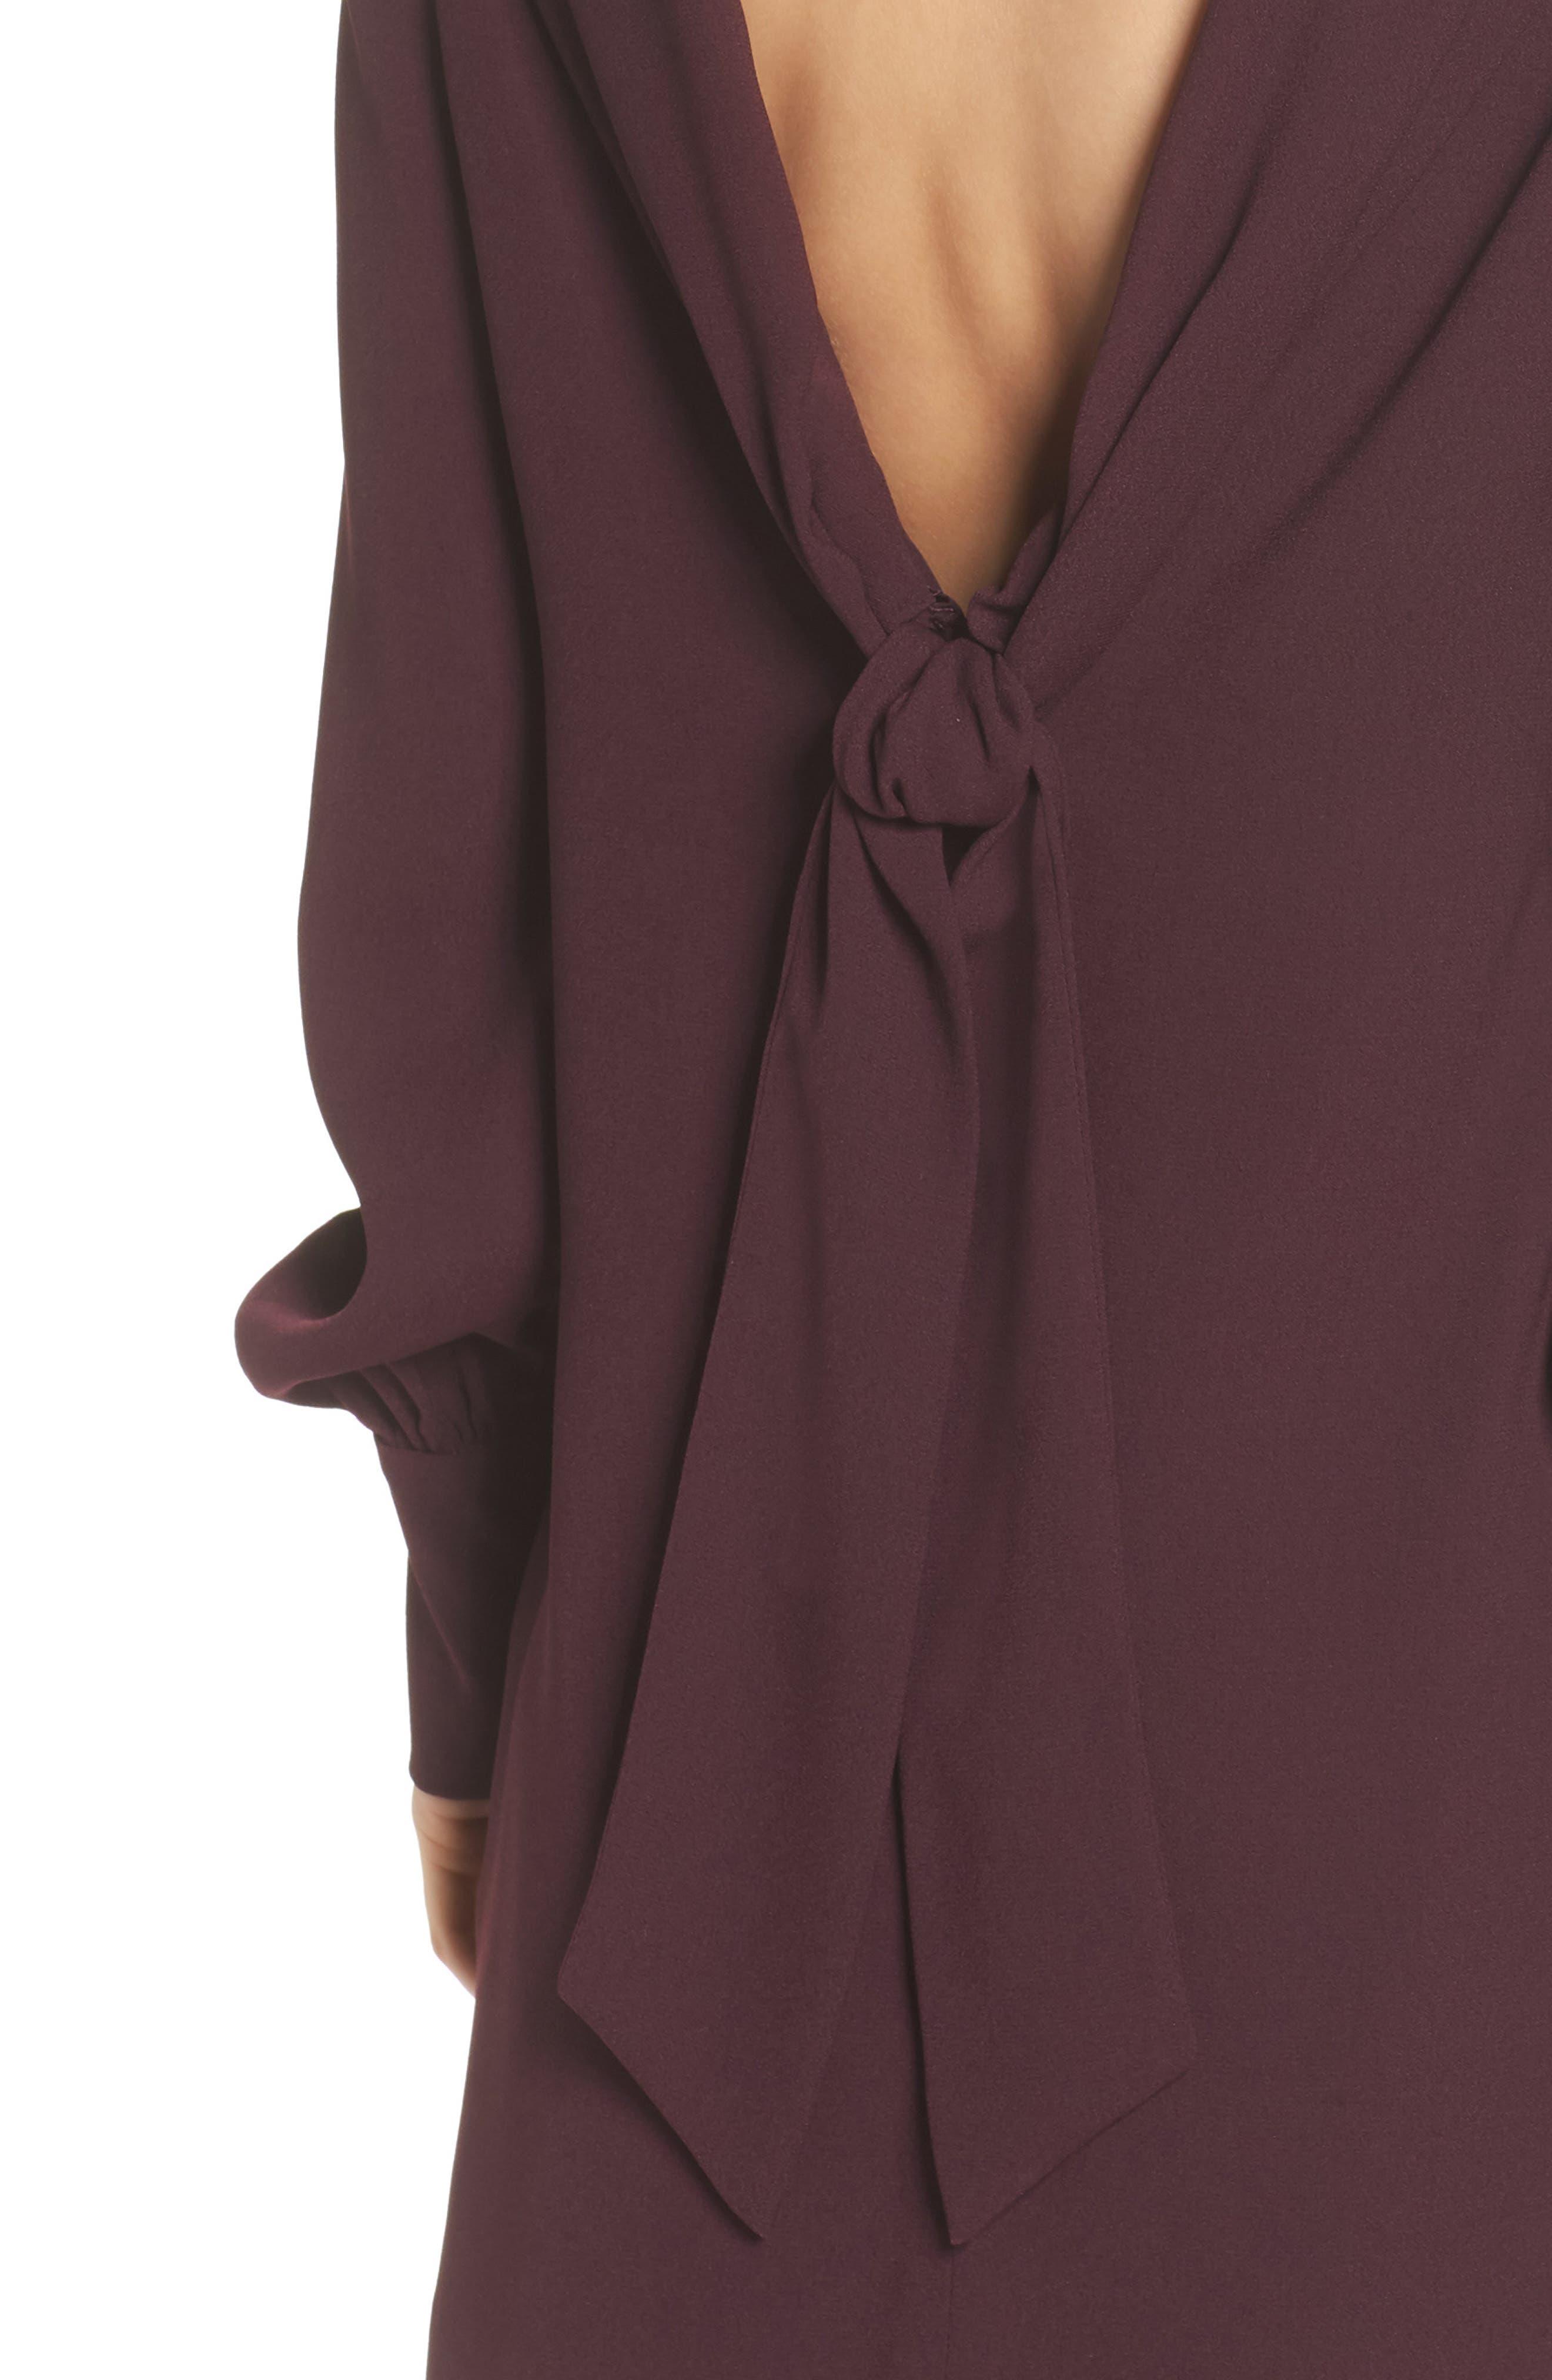 V-Back Shift Dress,                             Alternate thumbnail 6, color,                             Burgundy Stem